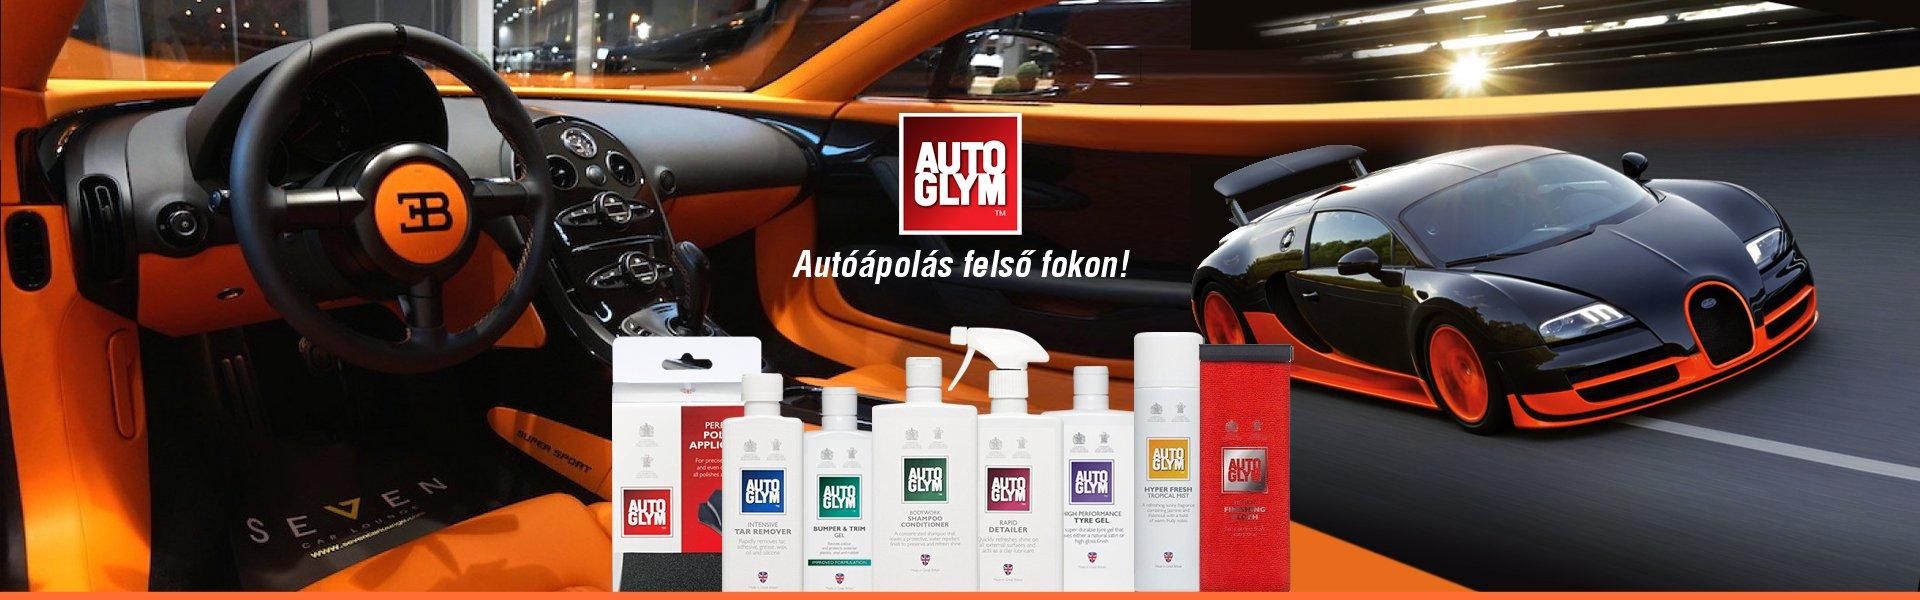 Autoglym autóápolási termékek